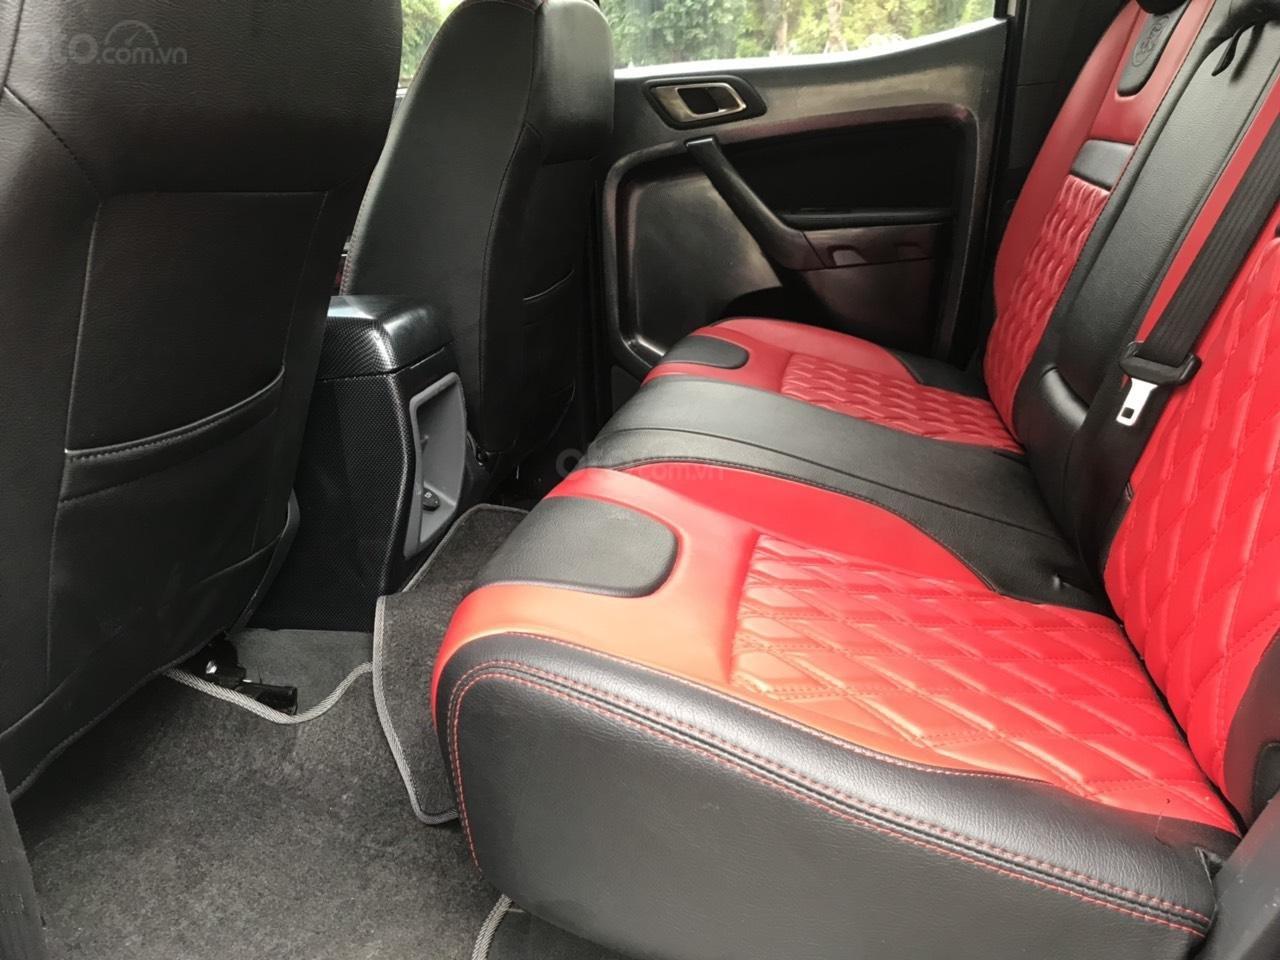 Tín Thành Auto- Ford Ranger XLT 2.2MT model 2016, trả góp lãi suất siêu thấp, liên hệ: Mr. Vũ Văn Huy: 097.171.8228-8